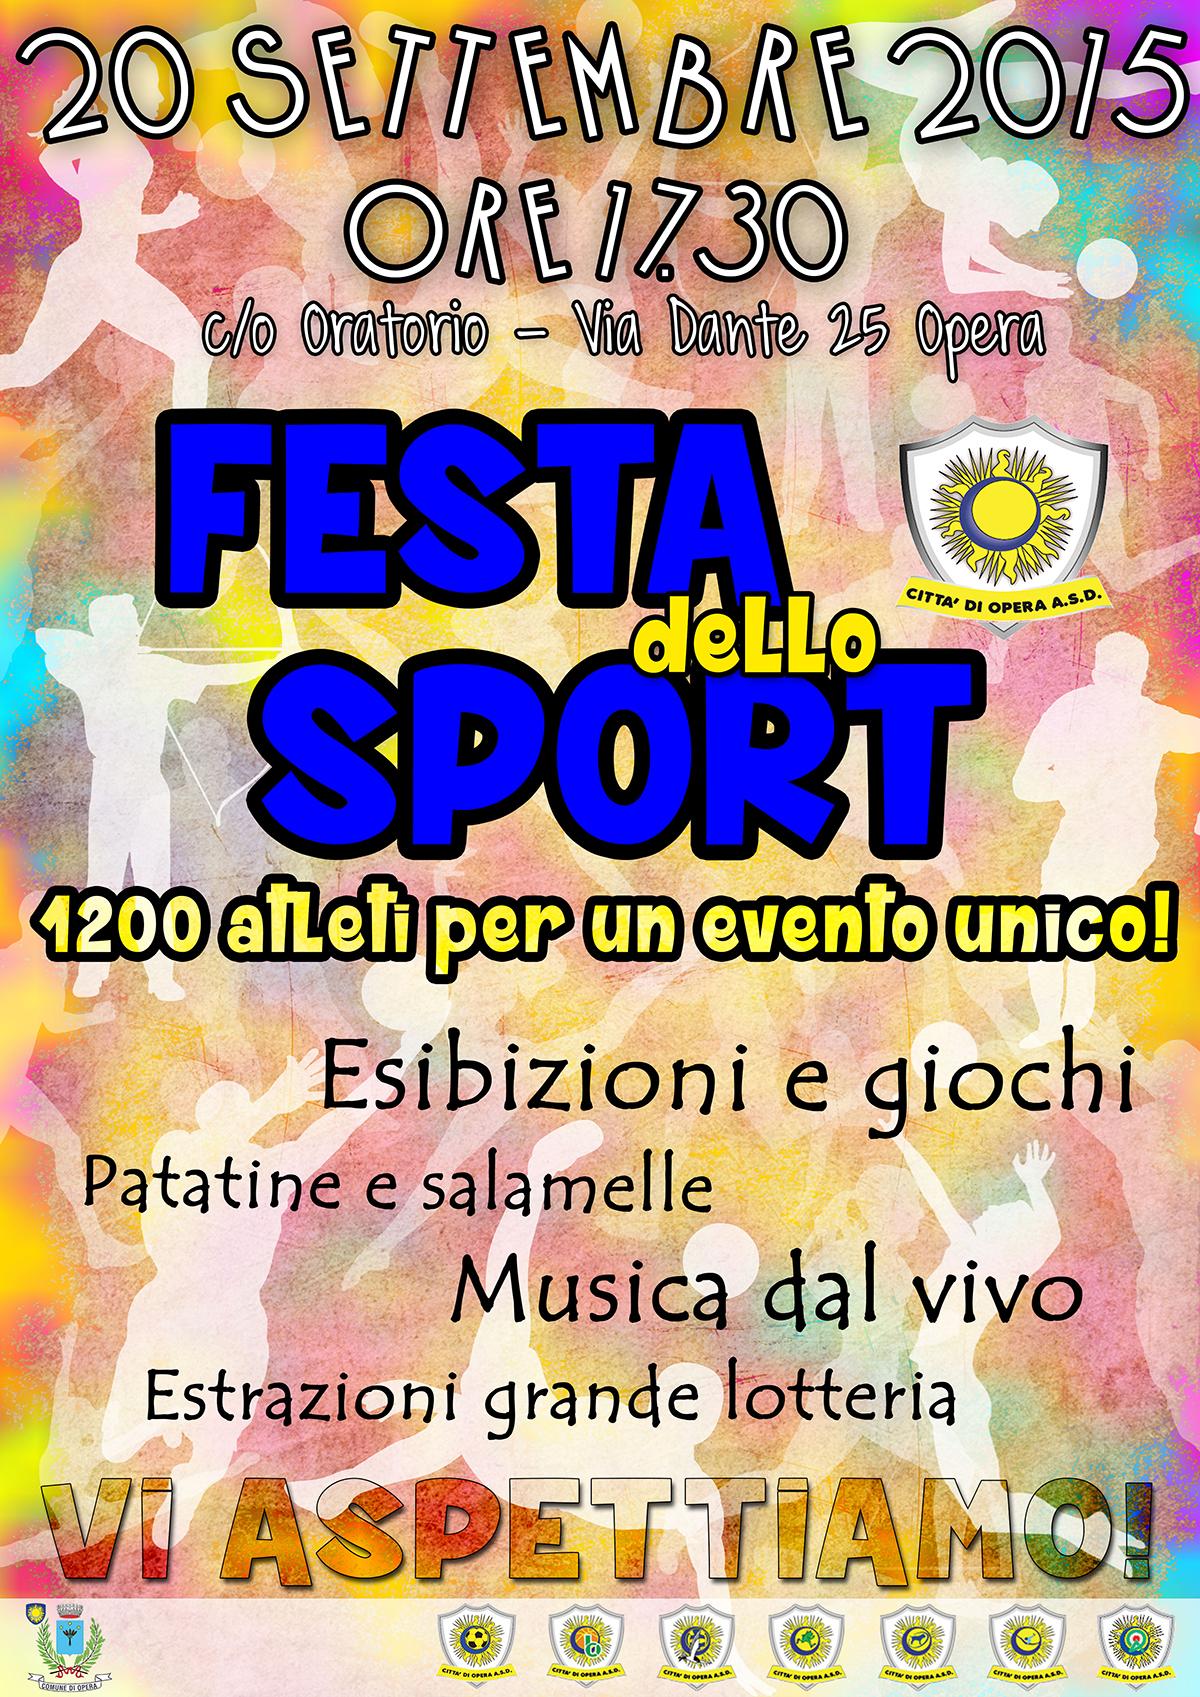 FestaSpor3tWEB